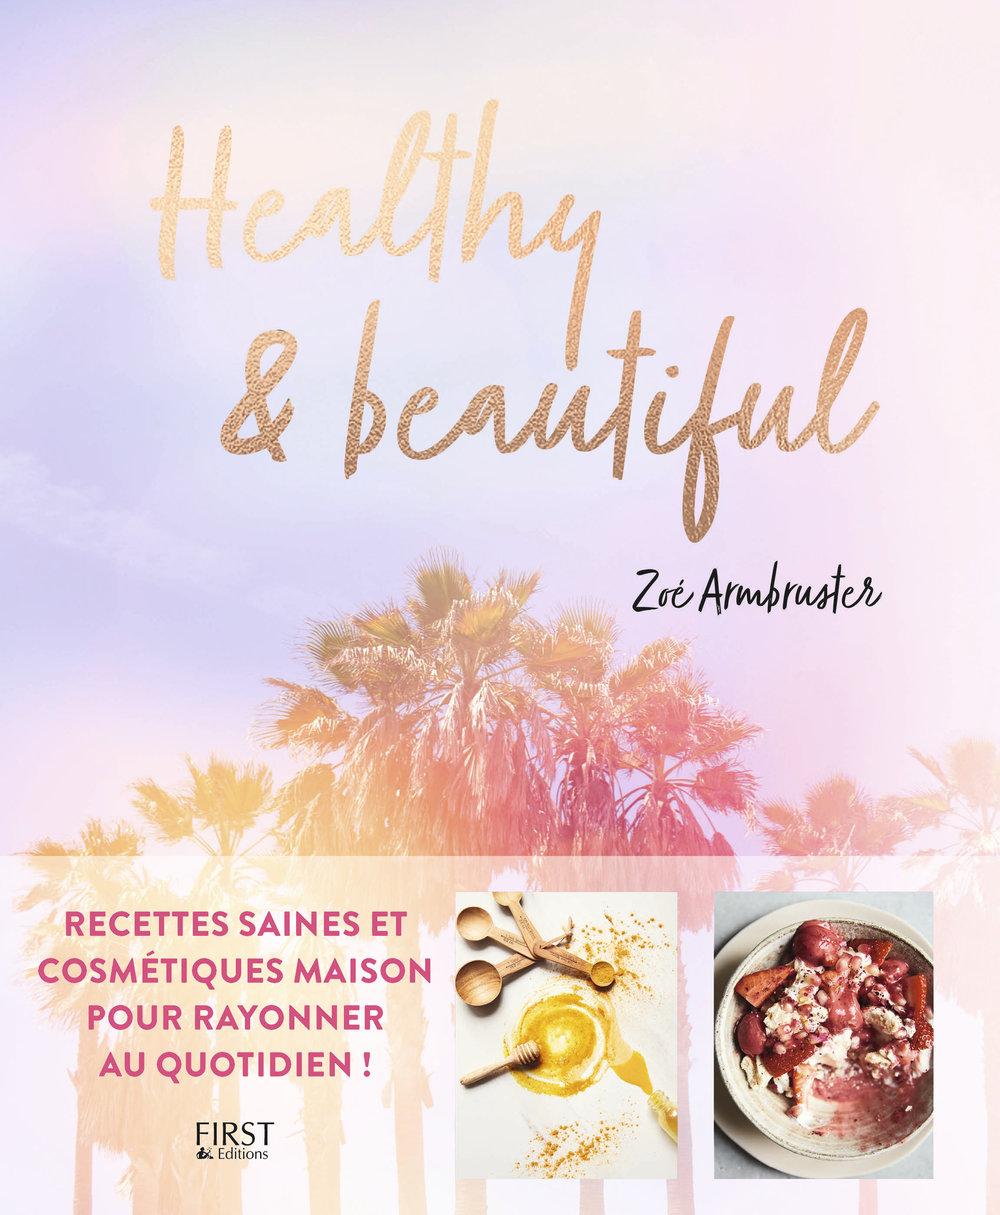 CMJN_CV_Healthy&Beautiful-Bandeau_sRGB.jpg